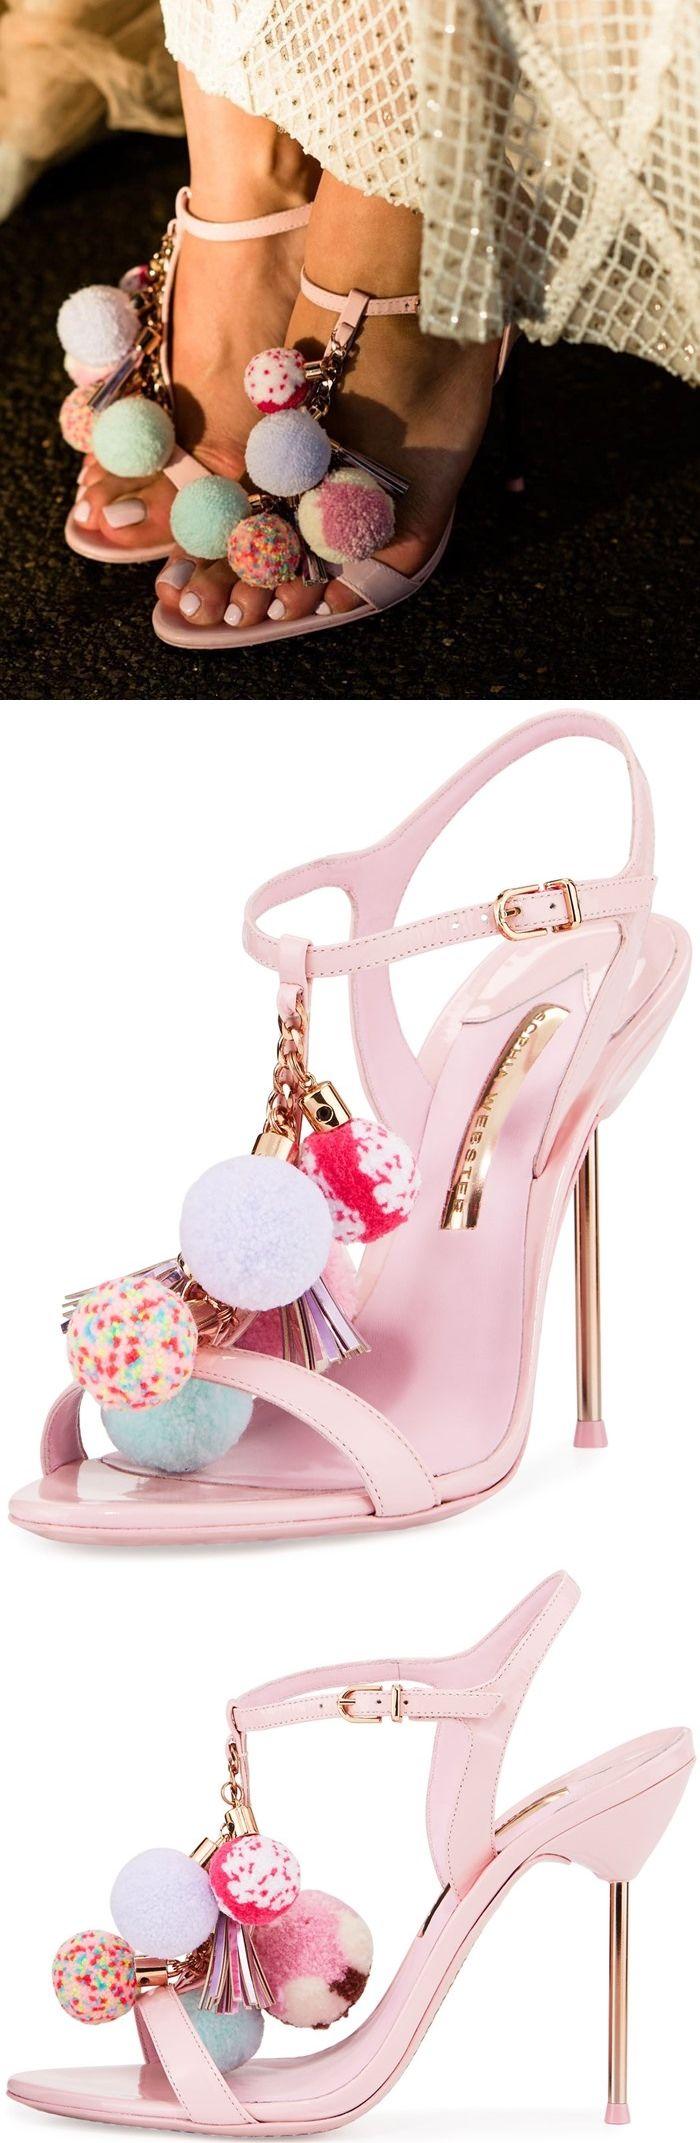 Little Mistress Black Embellished Toe T Bar Shoes 2Eygu824 Wholesale Center